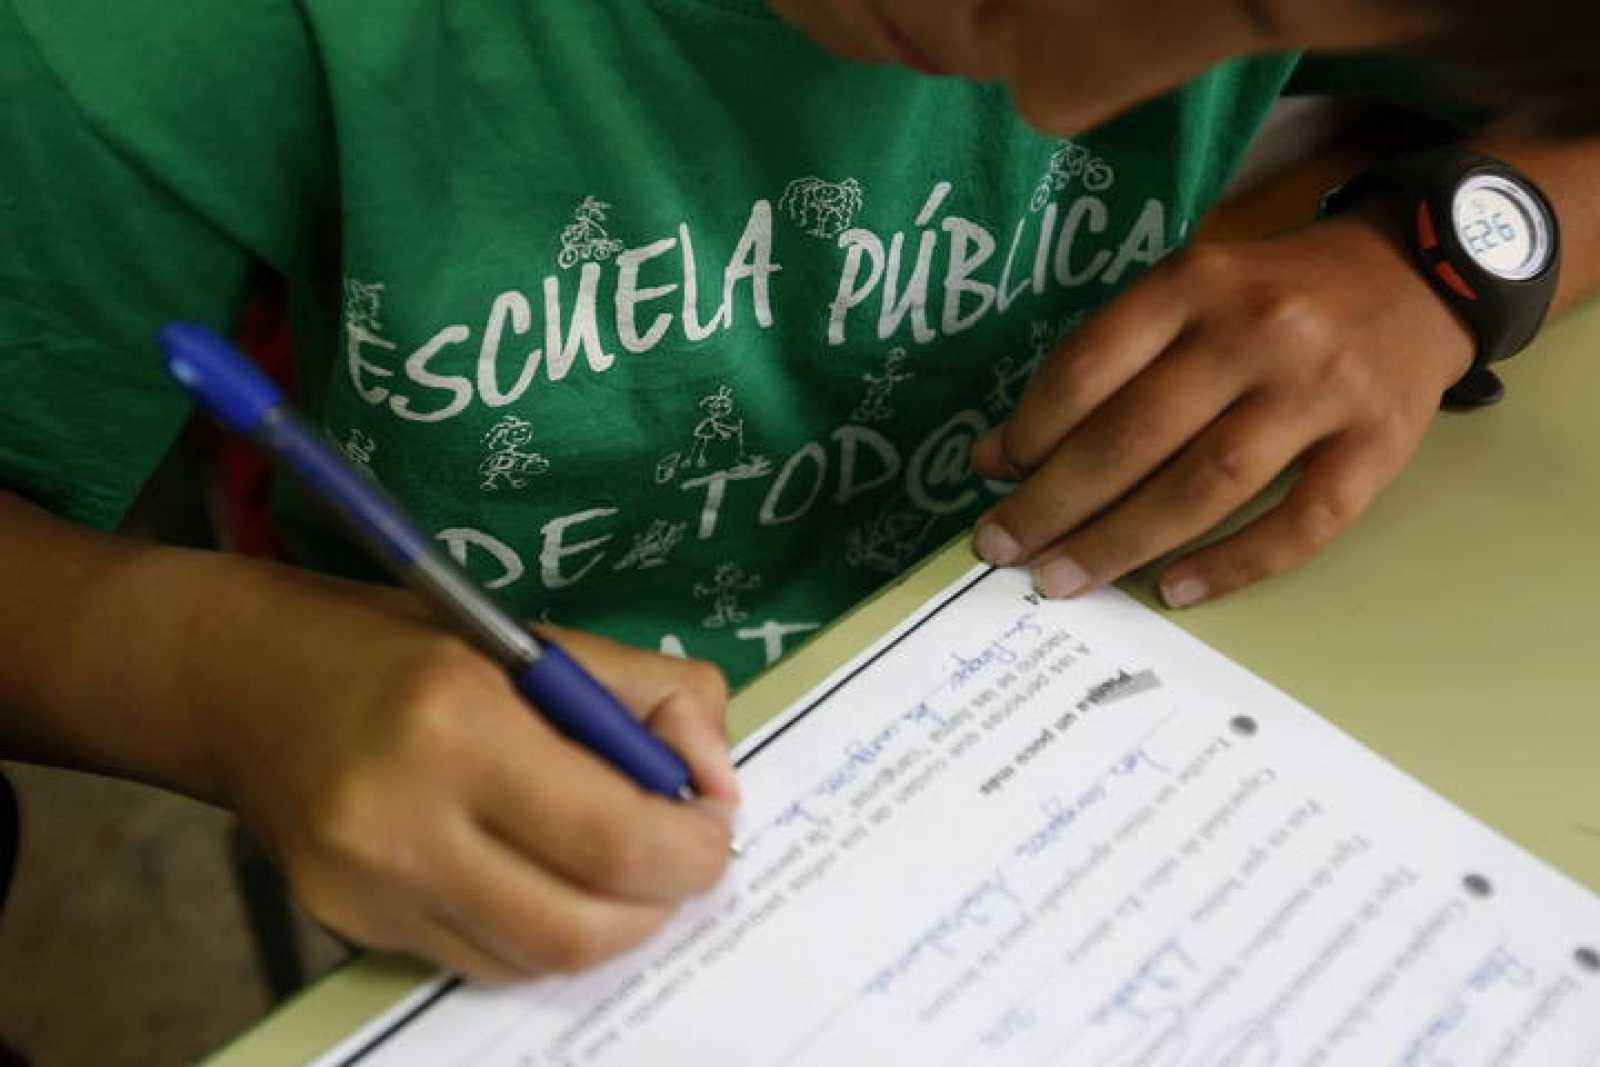 Un alumno del Colegio Joaquín Costa de Madrid rellena una ficha con la camiseta a favor de la escuela pública